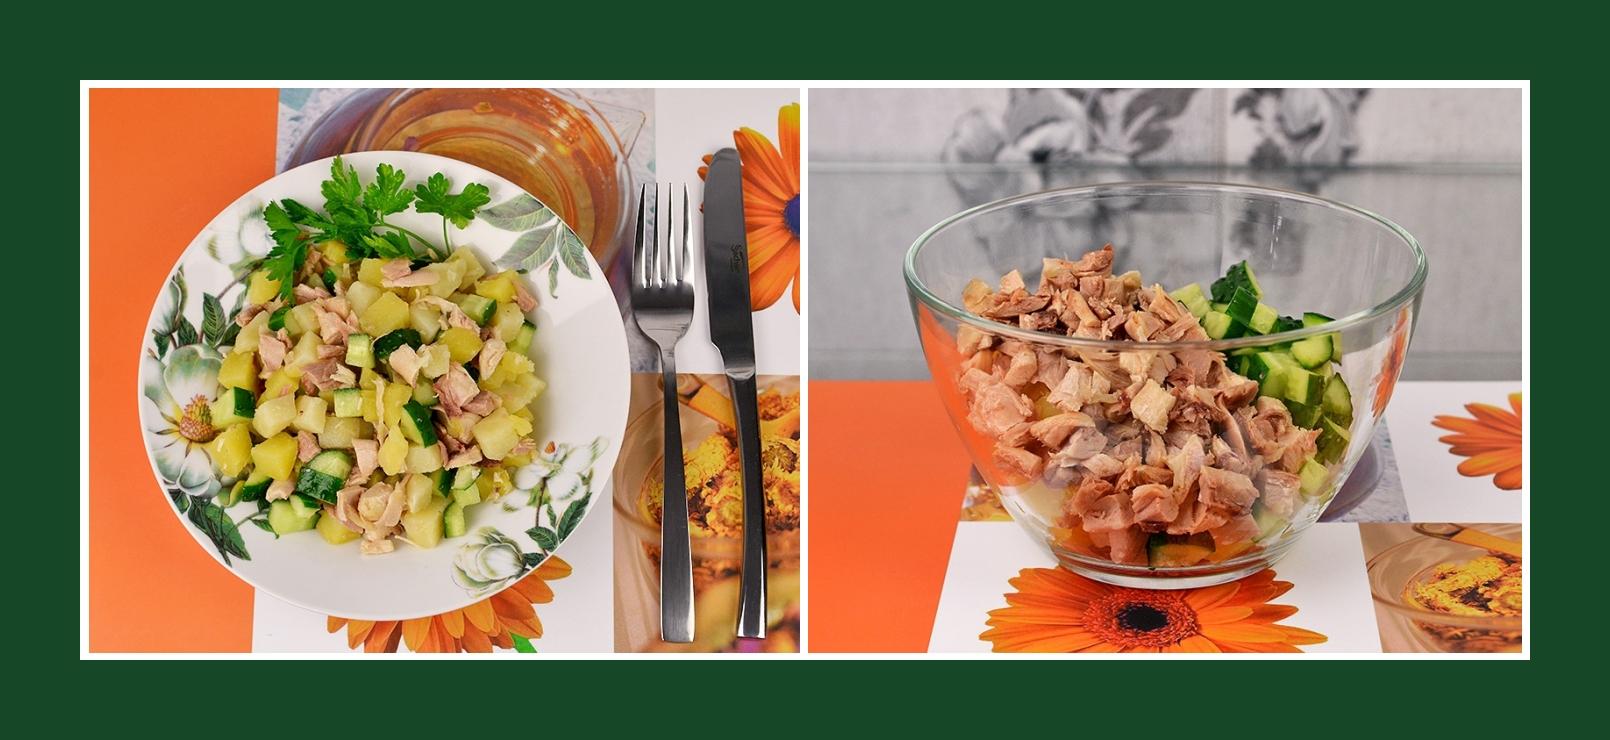 Salat aus Kartoffeln, Hähnchenfleisch und frischen Gurken